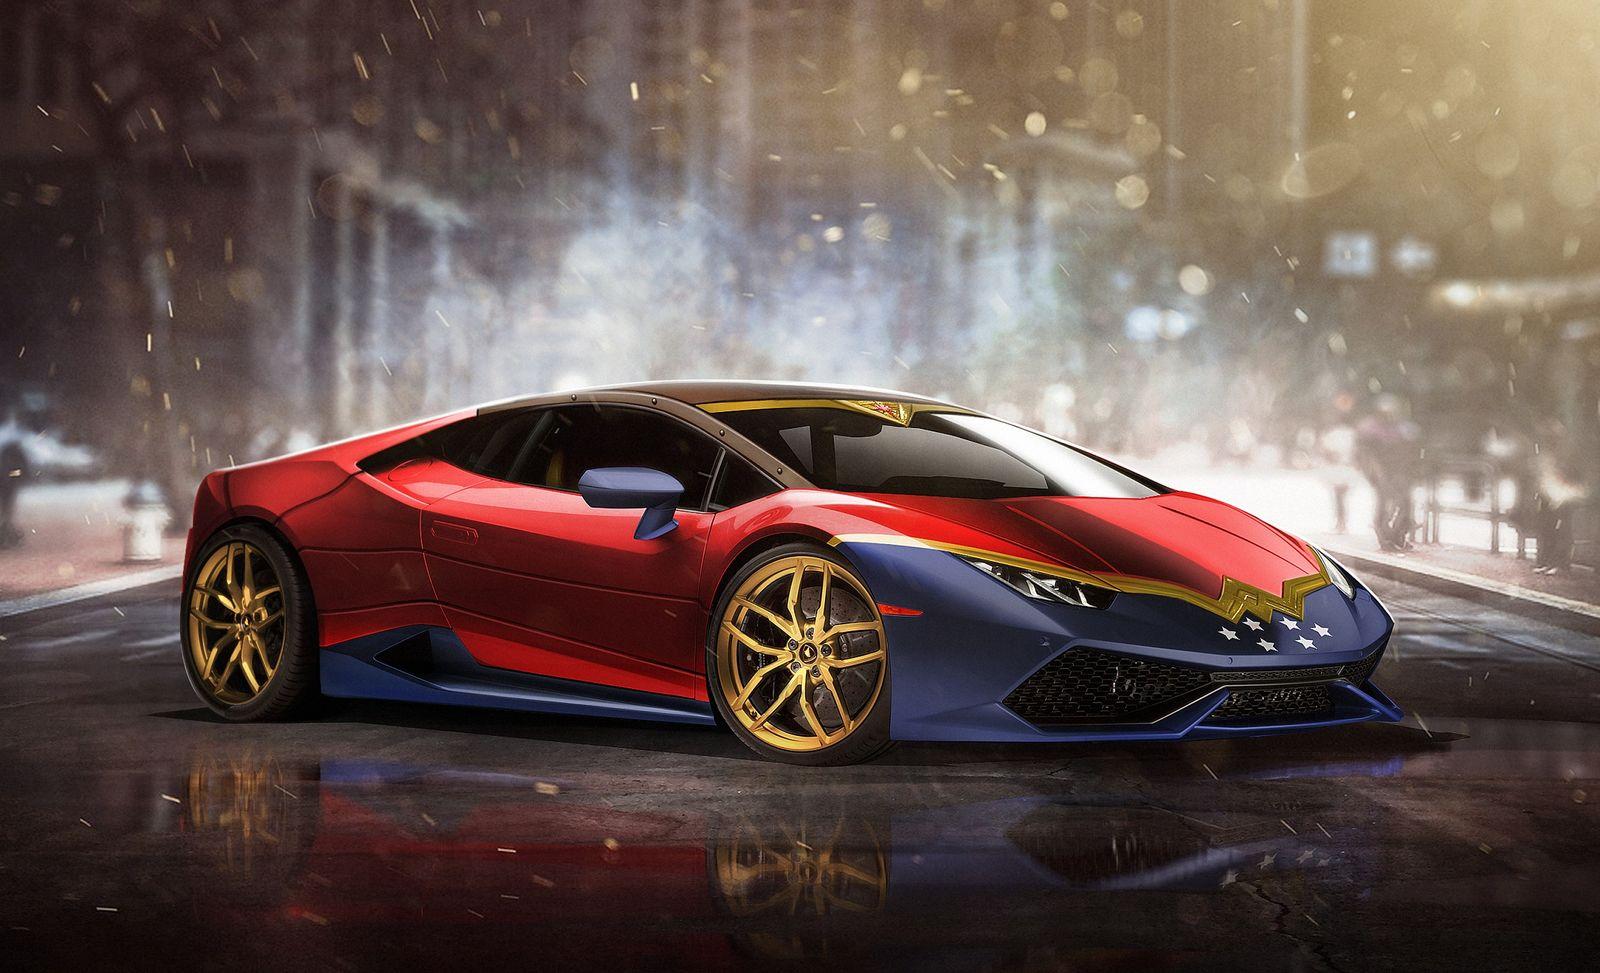 Le auto reali dei supereroi